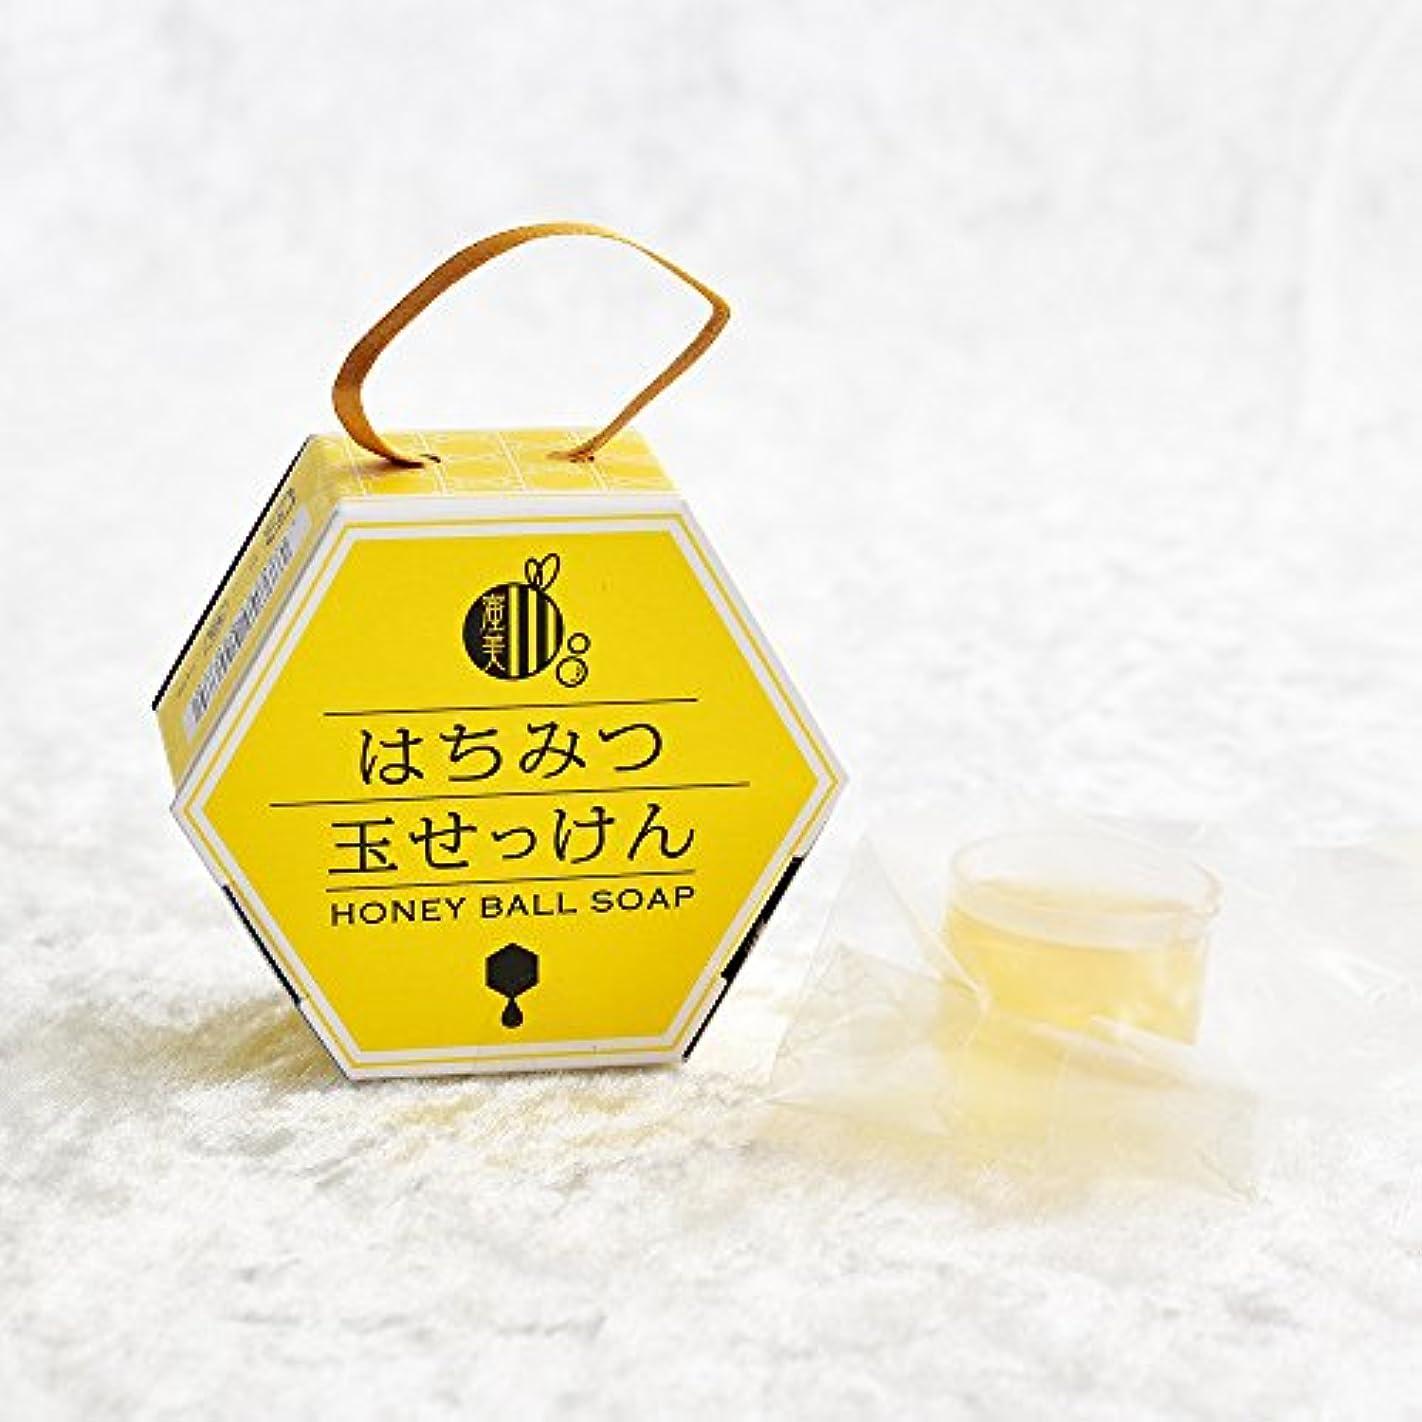 ひそかに全体に正しく蜜美はちみつ玉せっけん 8g